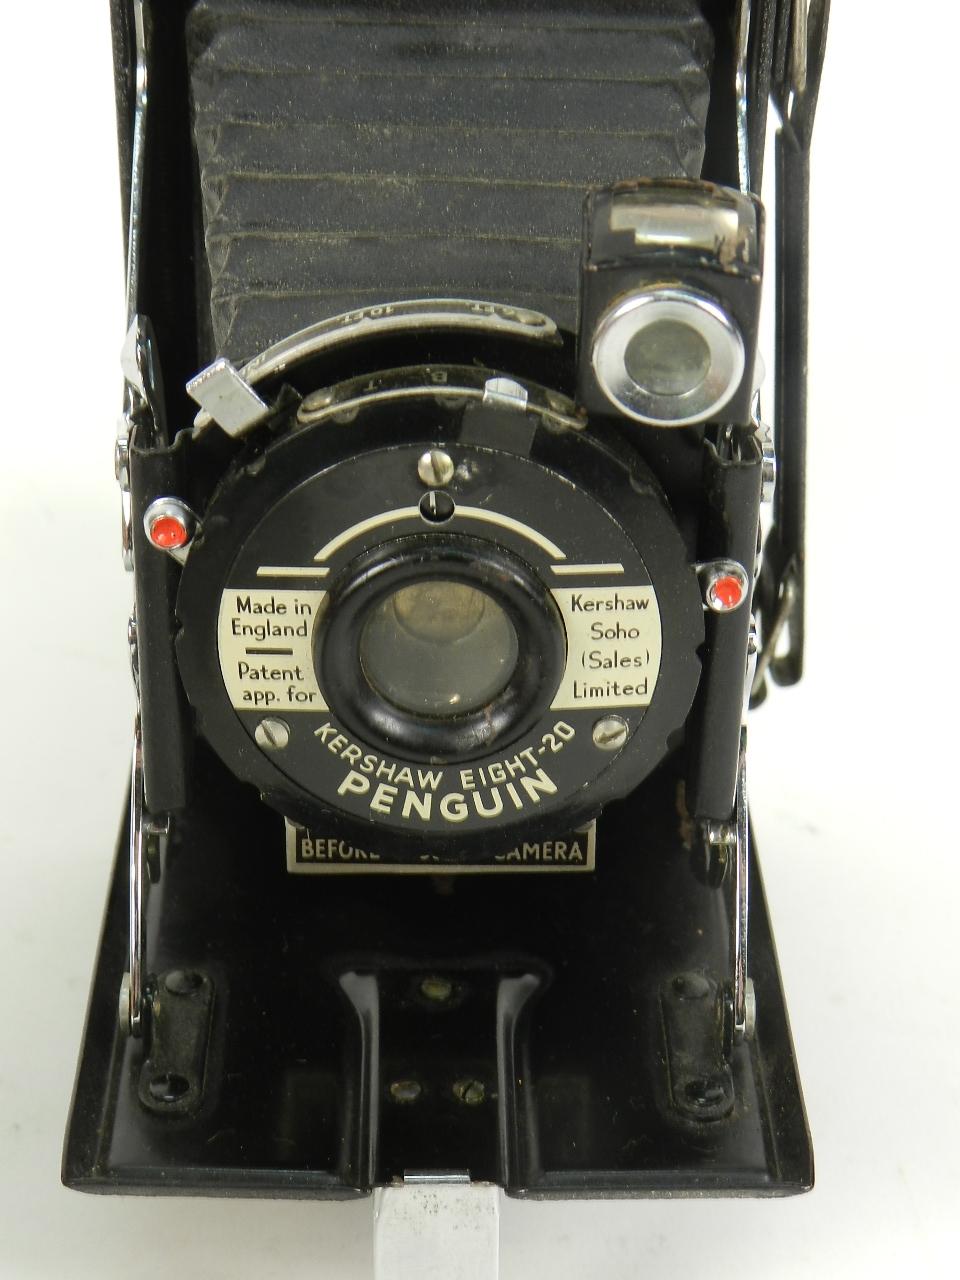 Imagen KERSHAW EIGHT-20 PENGUIN  AÑO 1946 27881